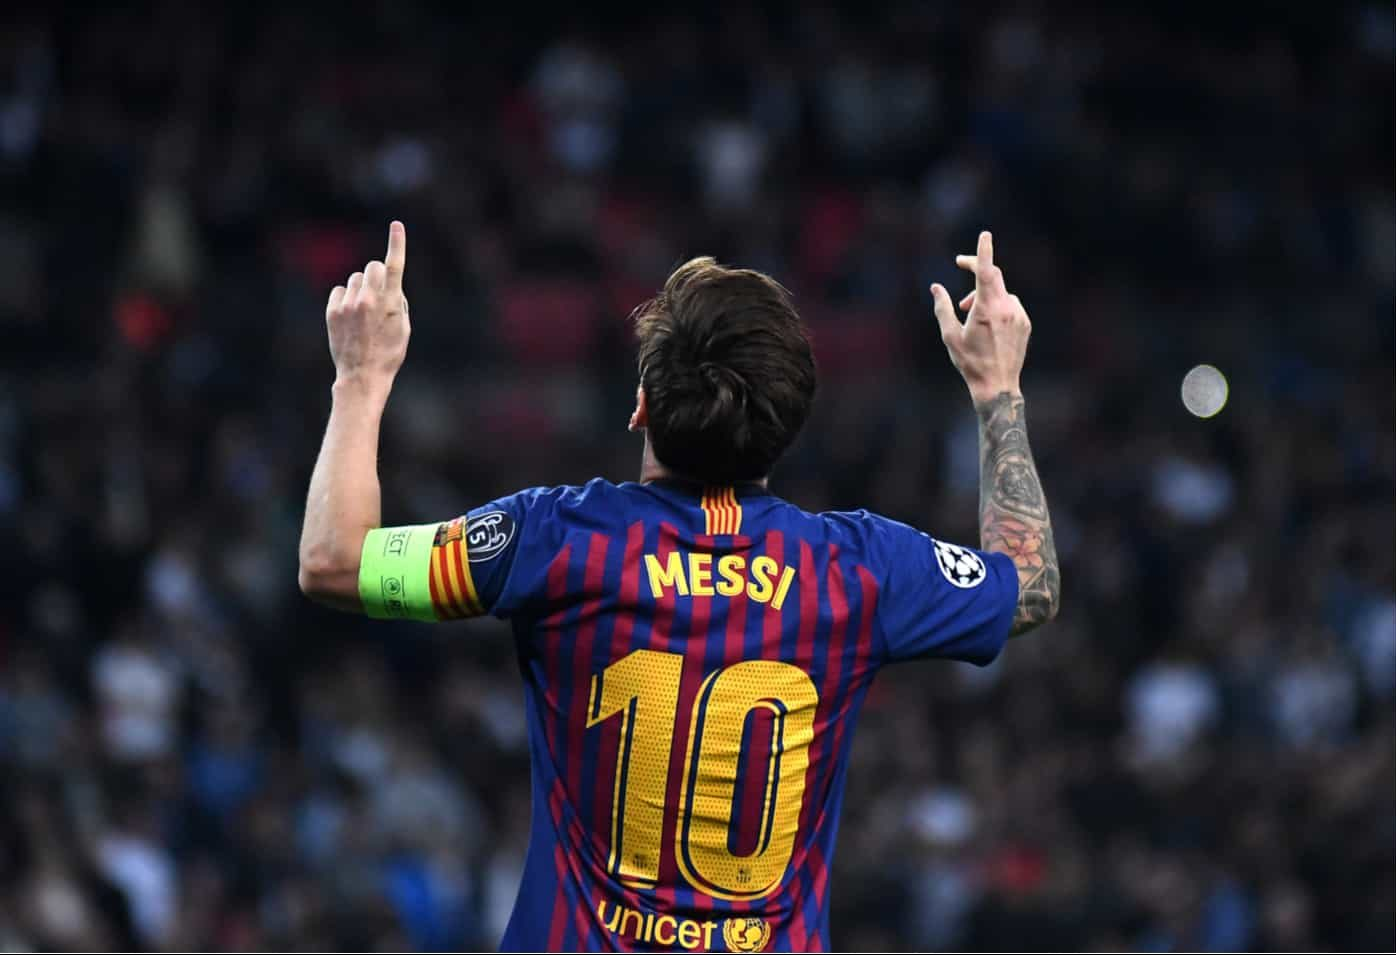 Lionel Messi, quedo este año en el #3 de los futbolistas más valiosos del mundo 2019